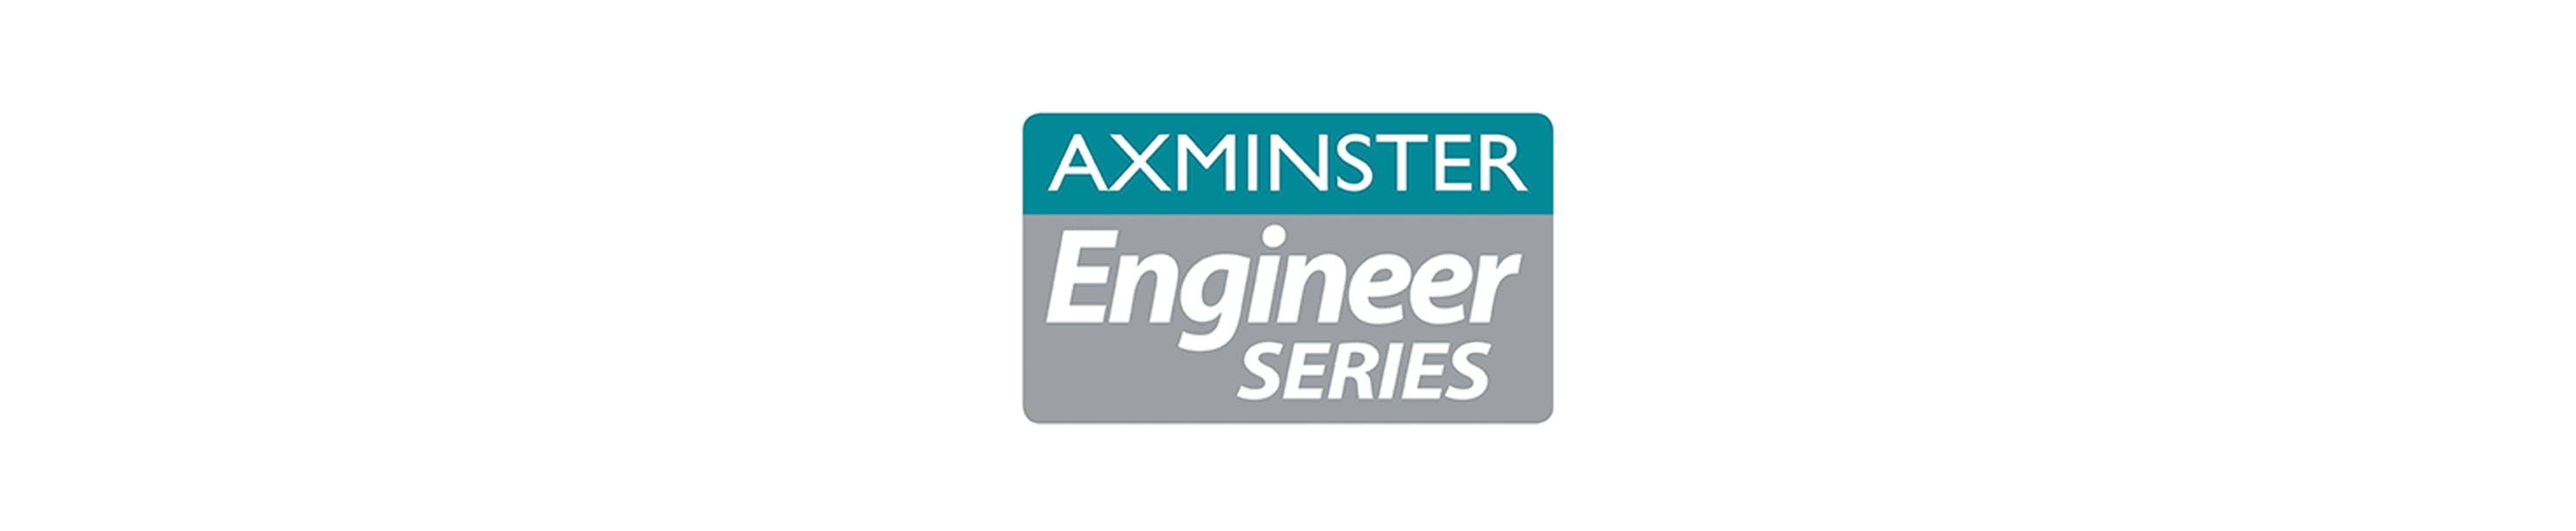 Axminster Engineering